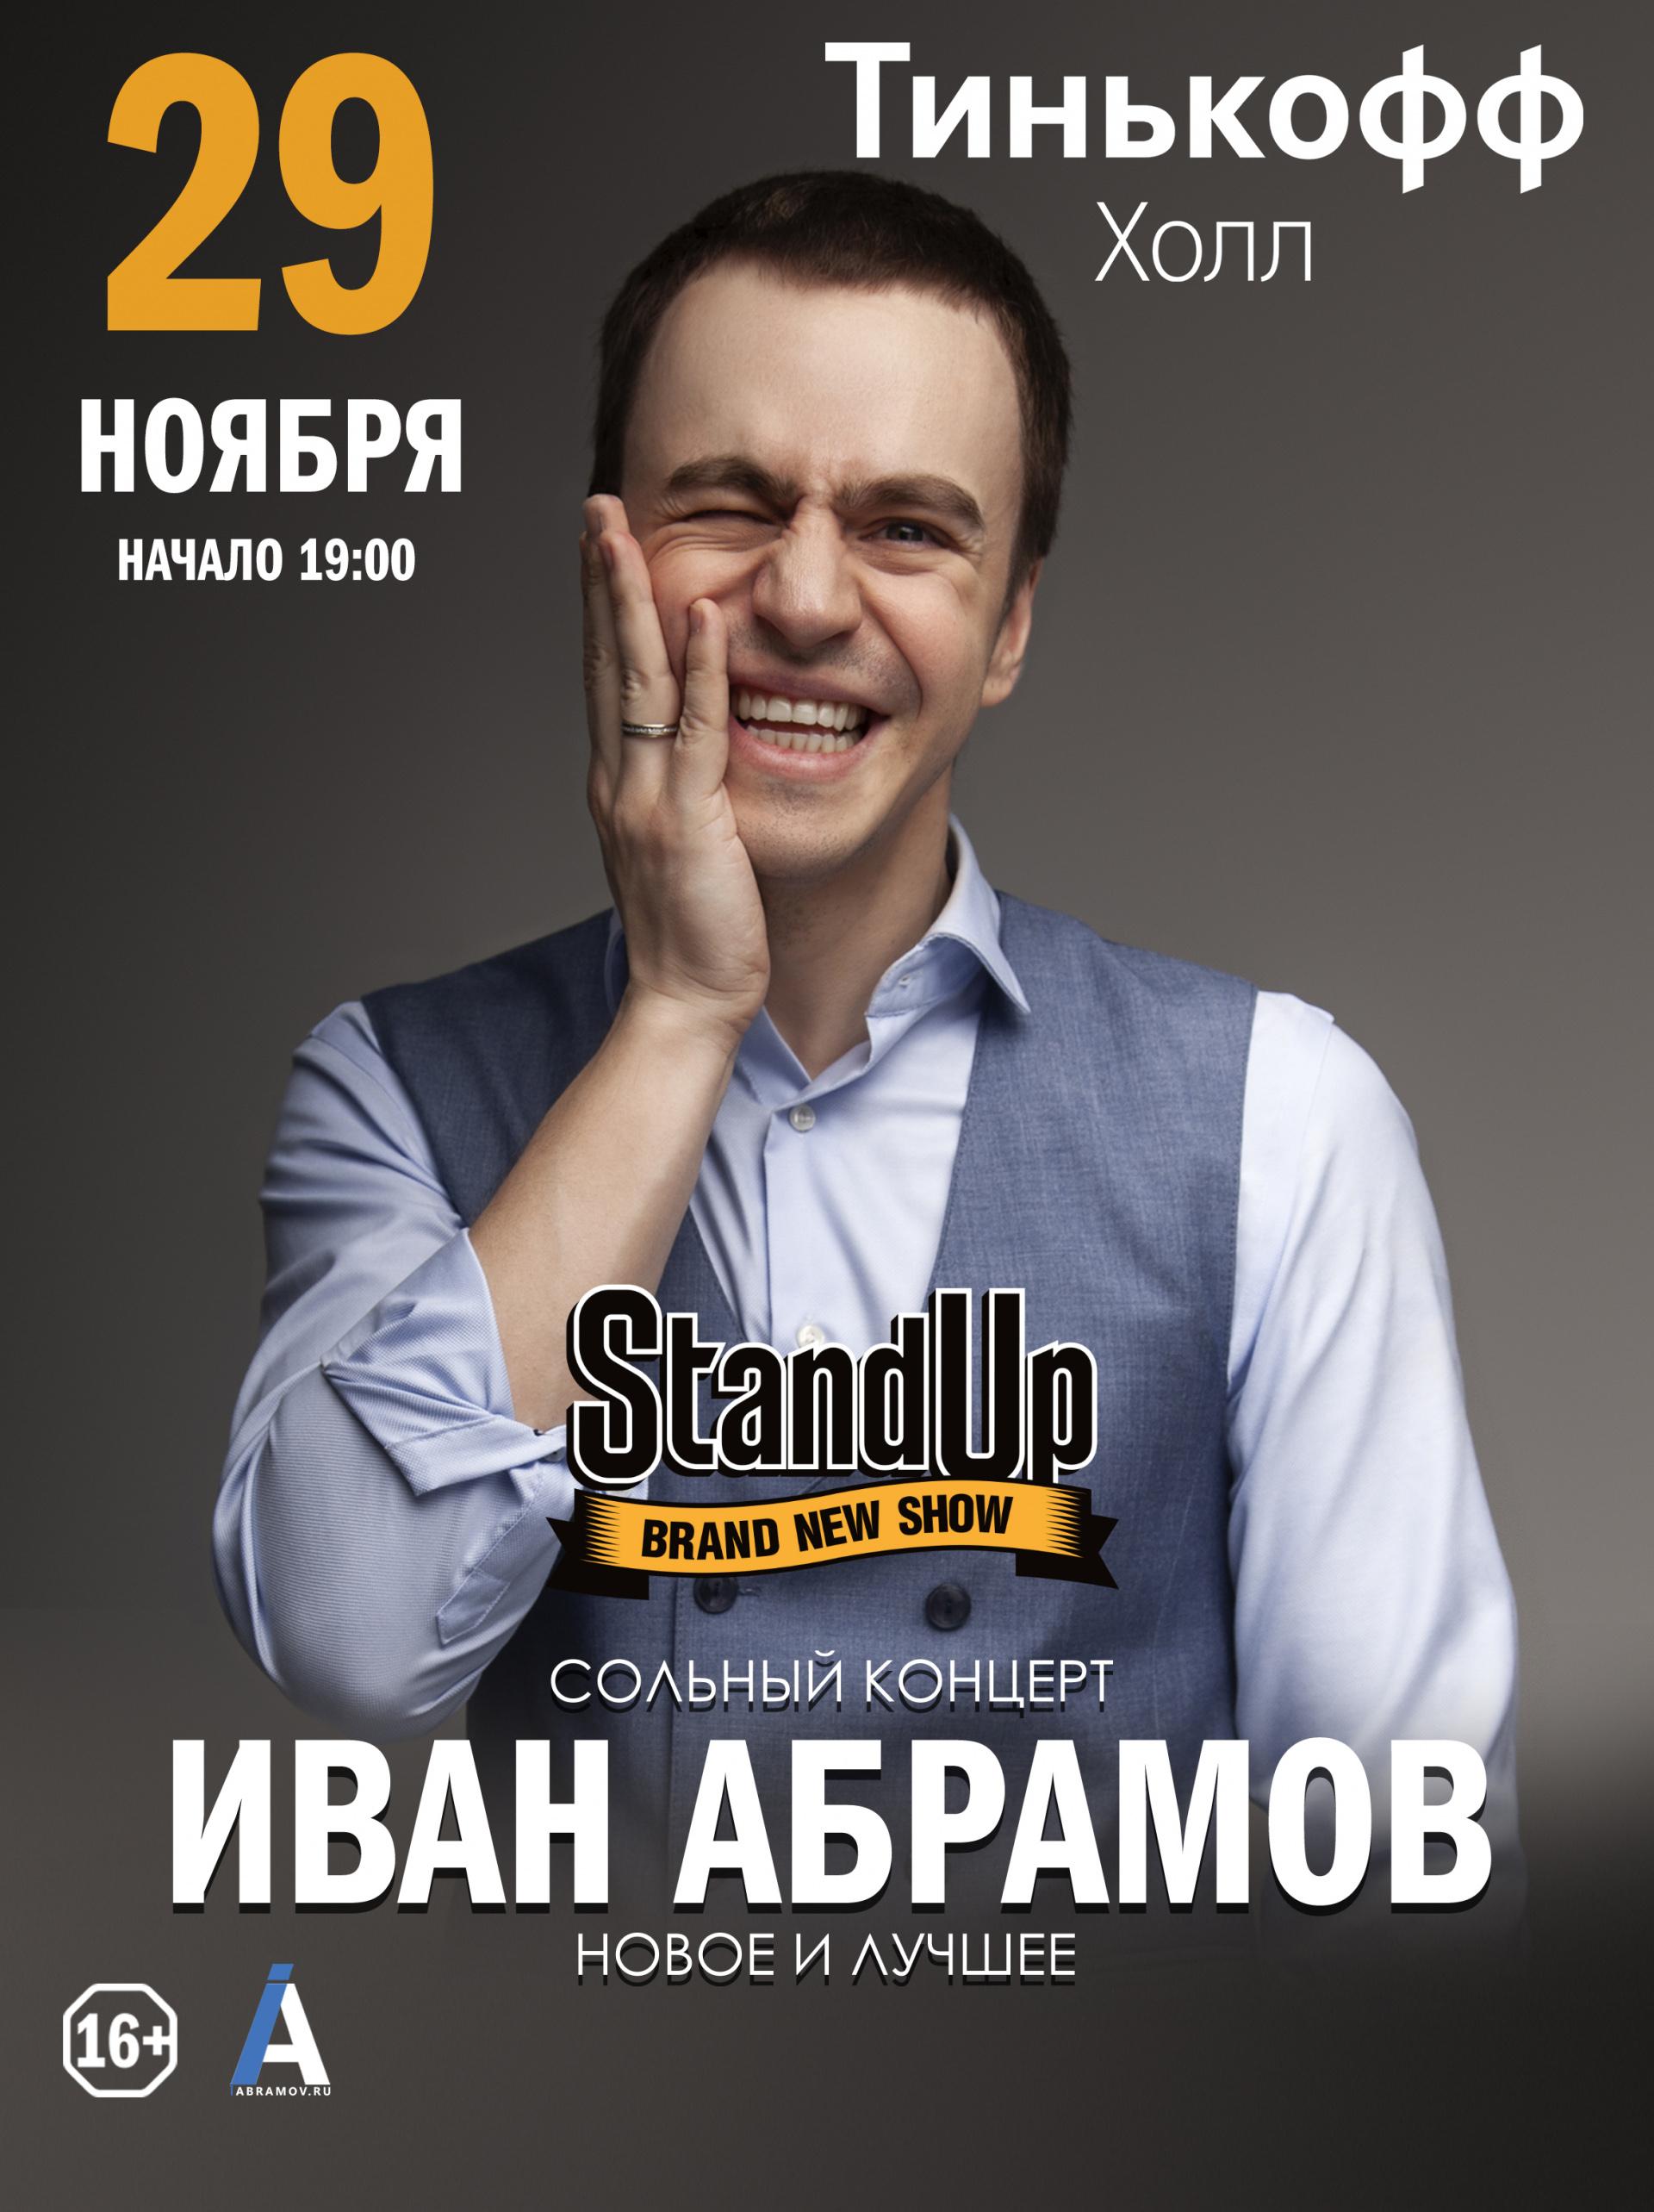 Иван Абрамов. Сольный концерт.